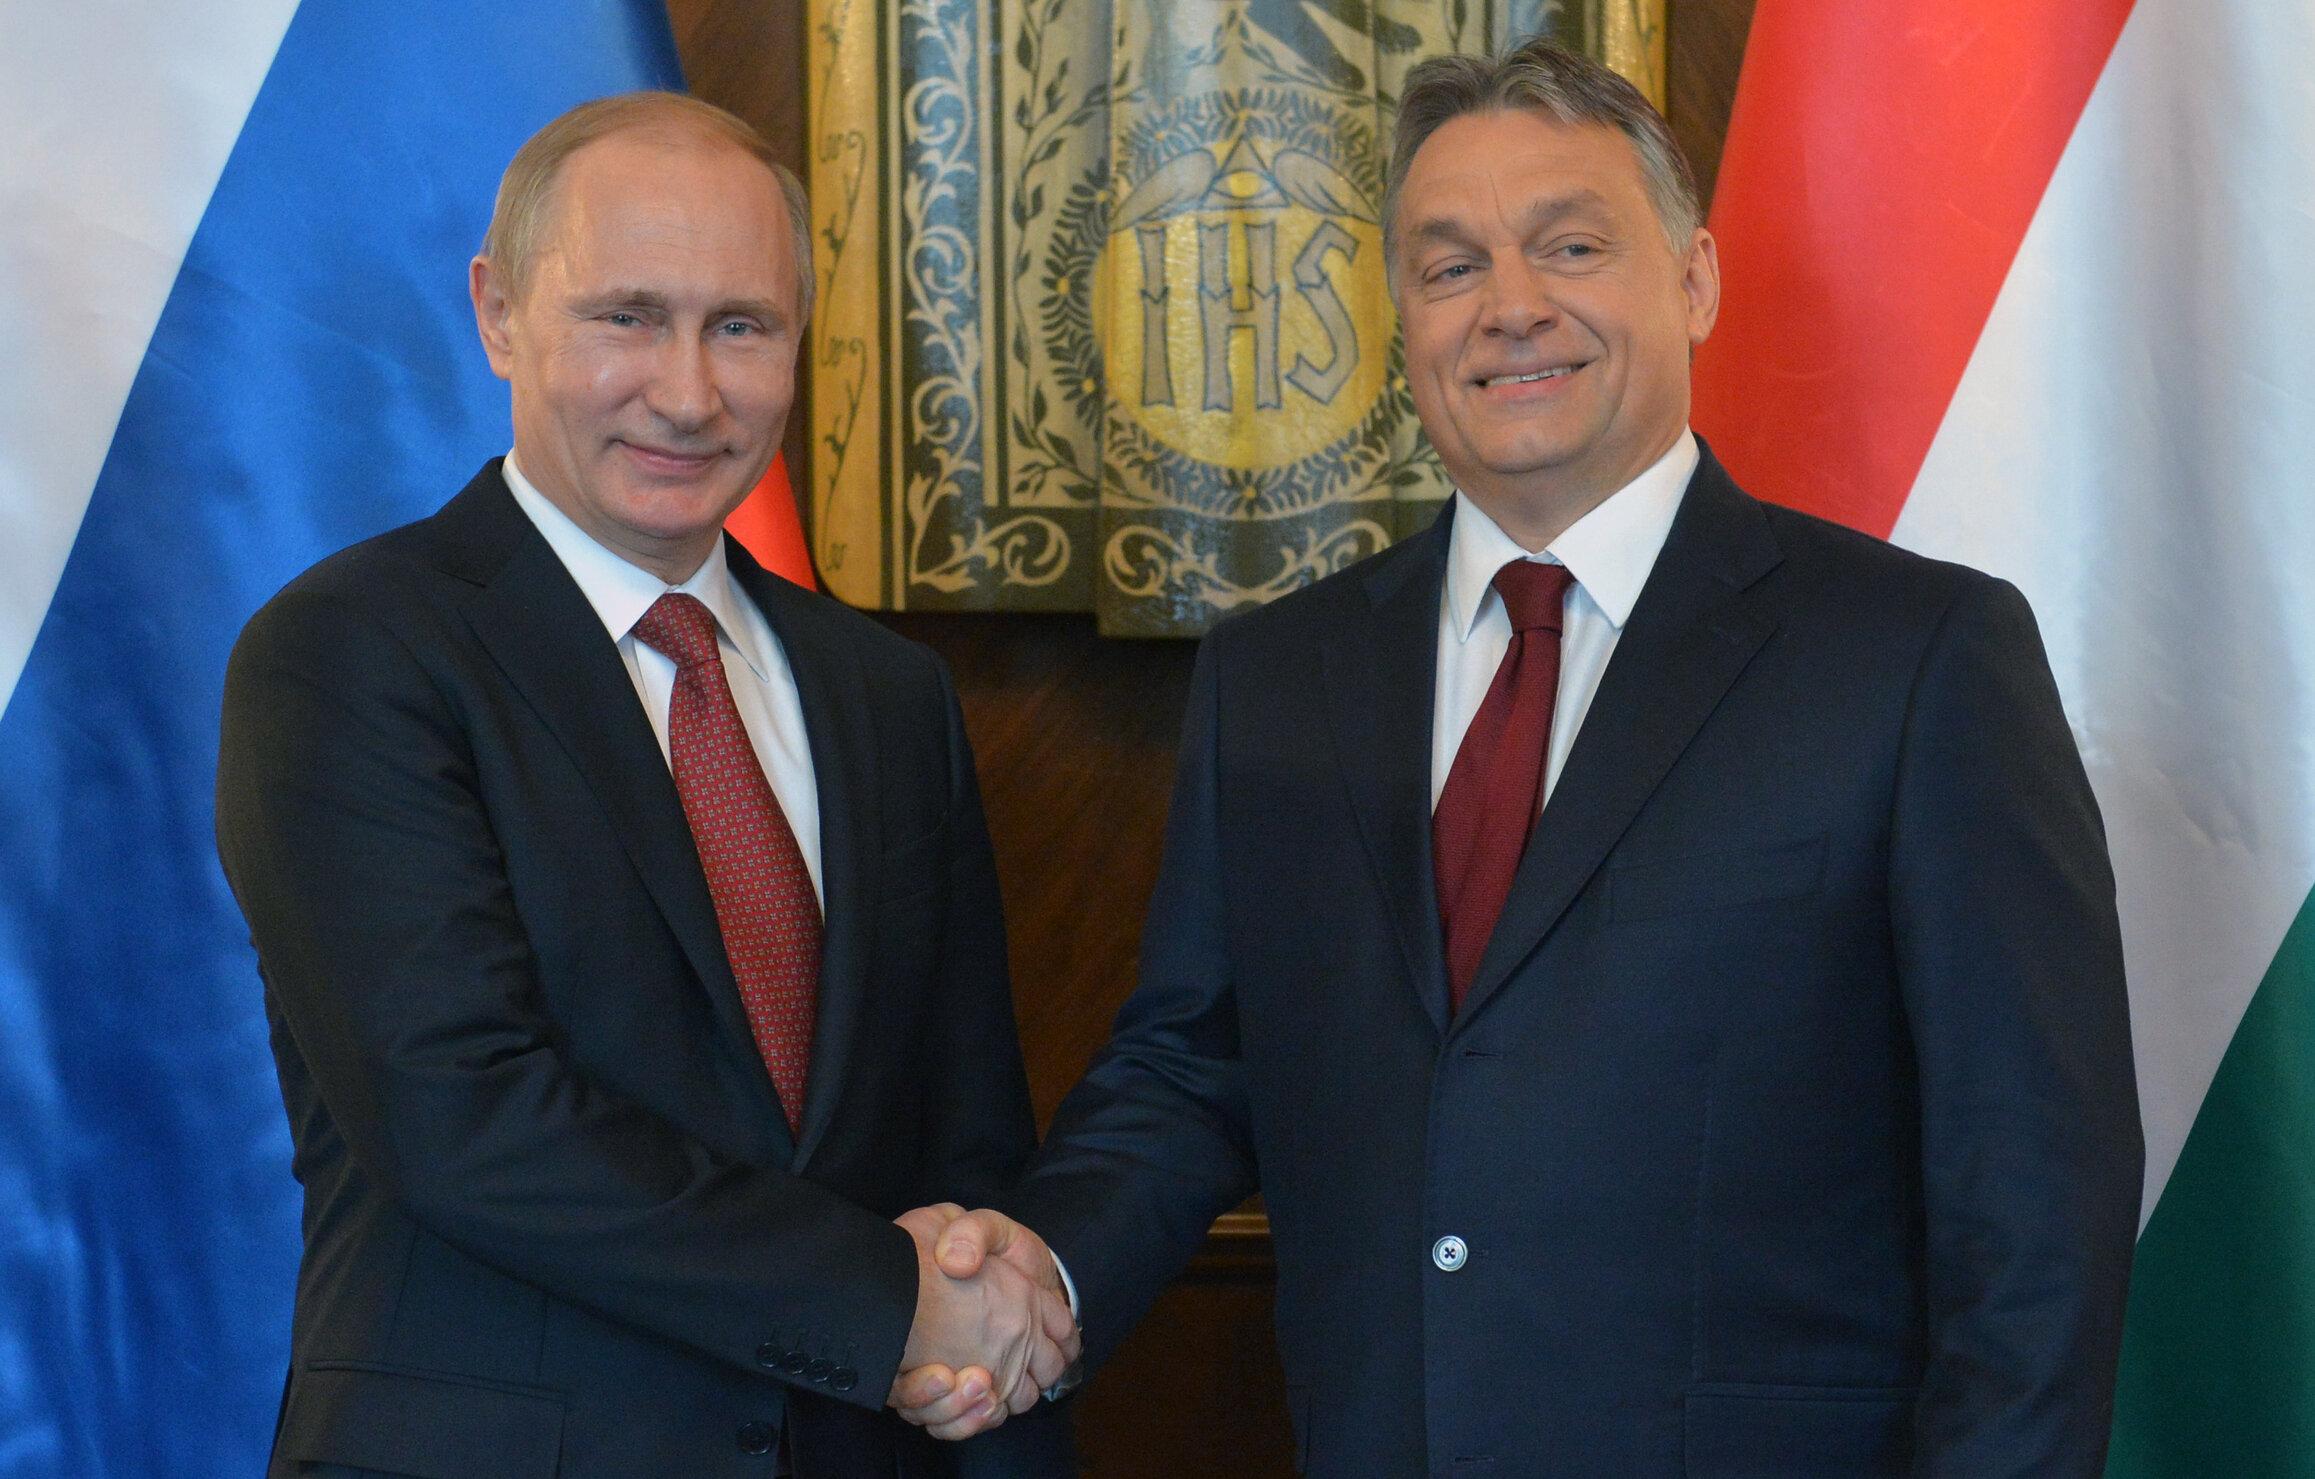 Ungaria, prima țară europeană care primește vaccinul lui Putin. Un prim eșantion va fi expediat săptămâna viitoare